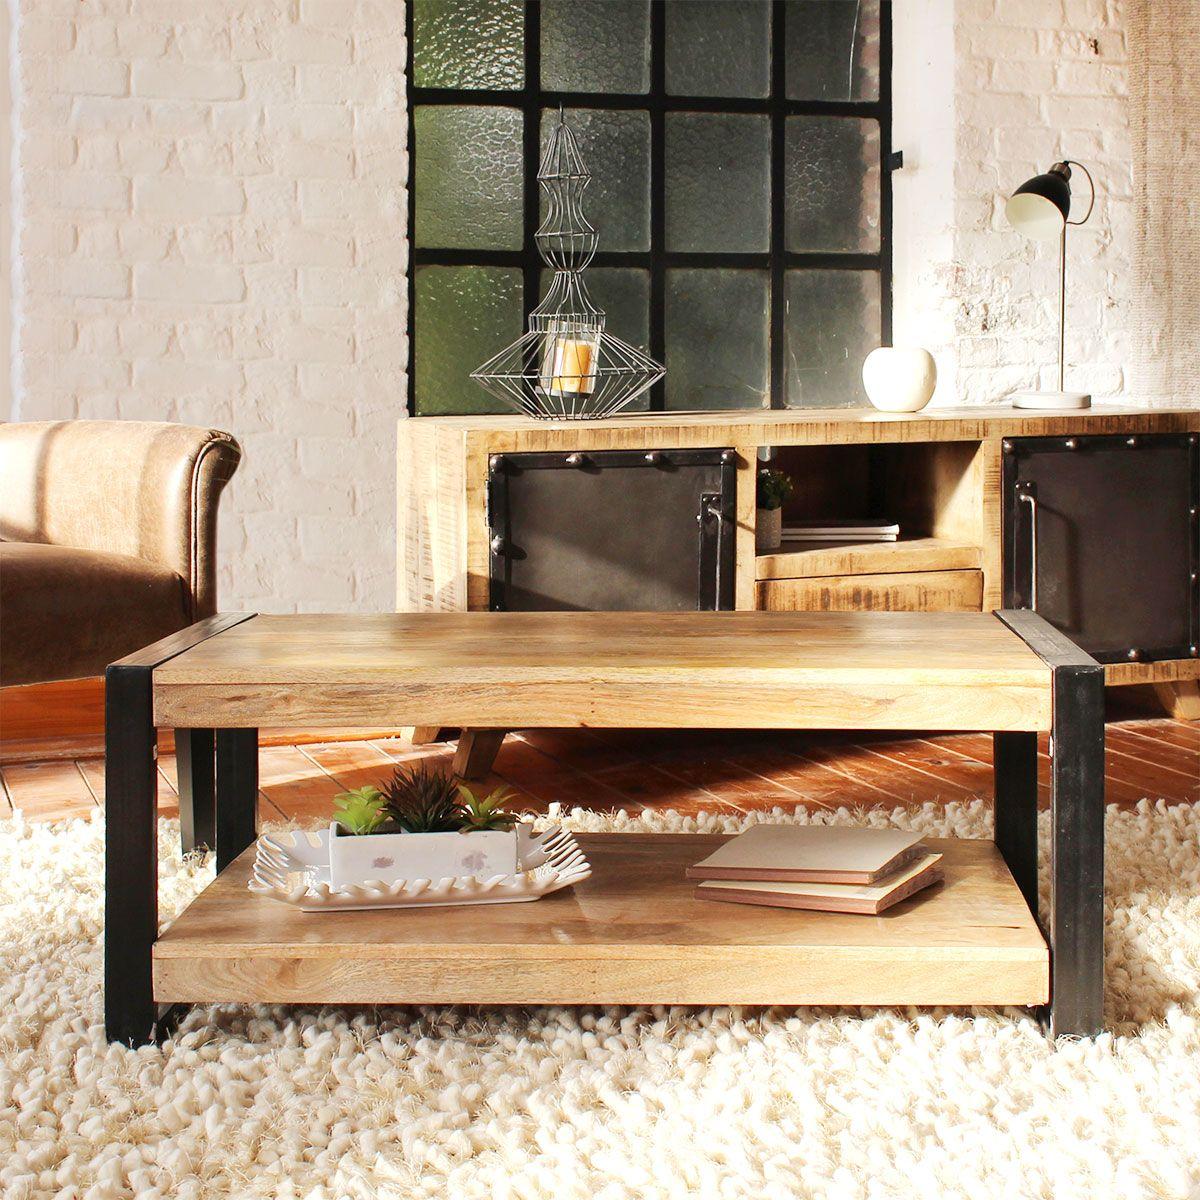 Table basse industrielle manguier 2 plateaux petit mod le en 2019 tables basses - Modele table basse ...